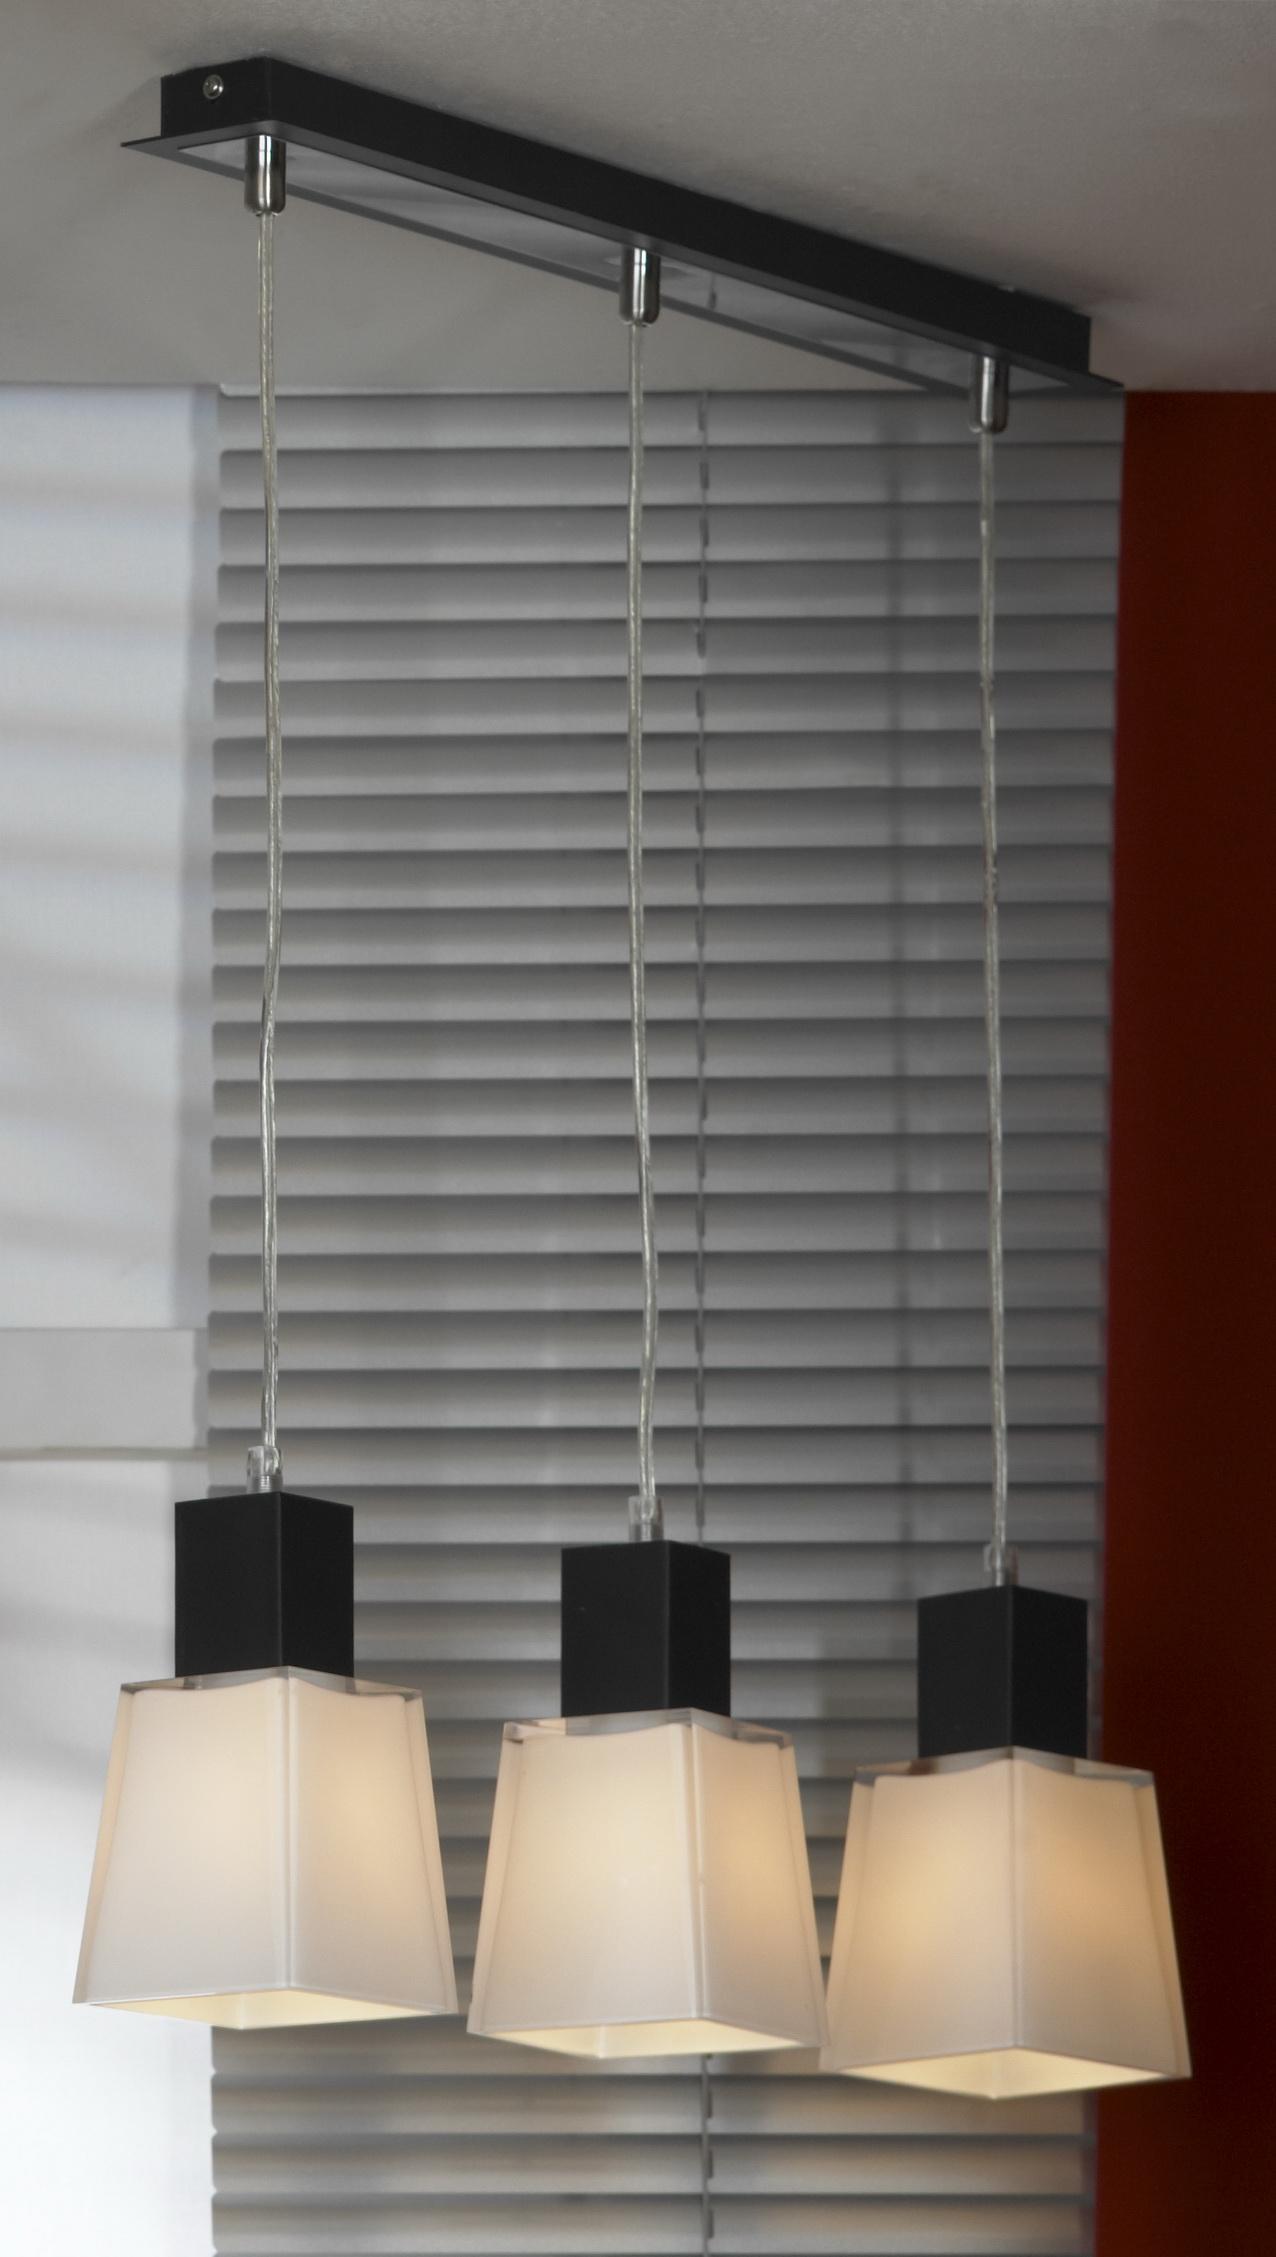 Подвес LussoleСветильники подвесные<br>Количество ламп: 3,<br>Мощность: 40,<br>Назначение светильника: для комнаты,<br>Стиль светильника: модерн,<br>Материал светильника: металл, стекло,<br>Длина (мм): 1200,<br>Ширина: 560,<br>Тип лампы: накаливания,<br>Патрон: Е14,<br>Цвет арматуры: черный<br>